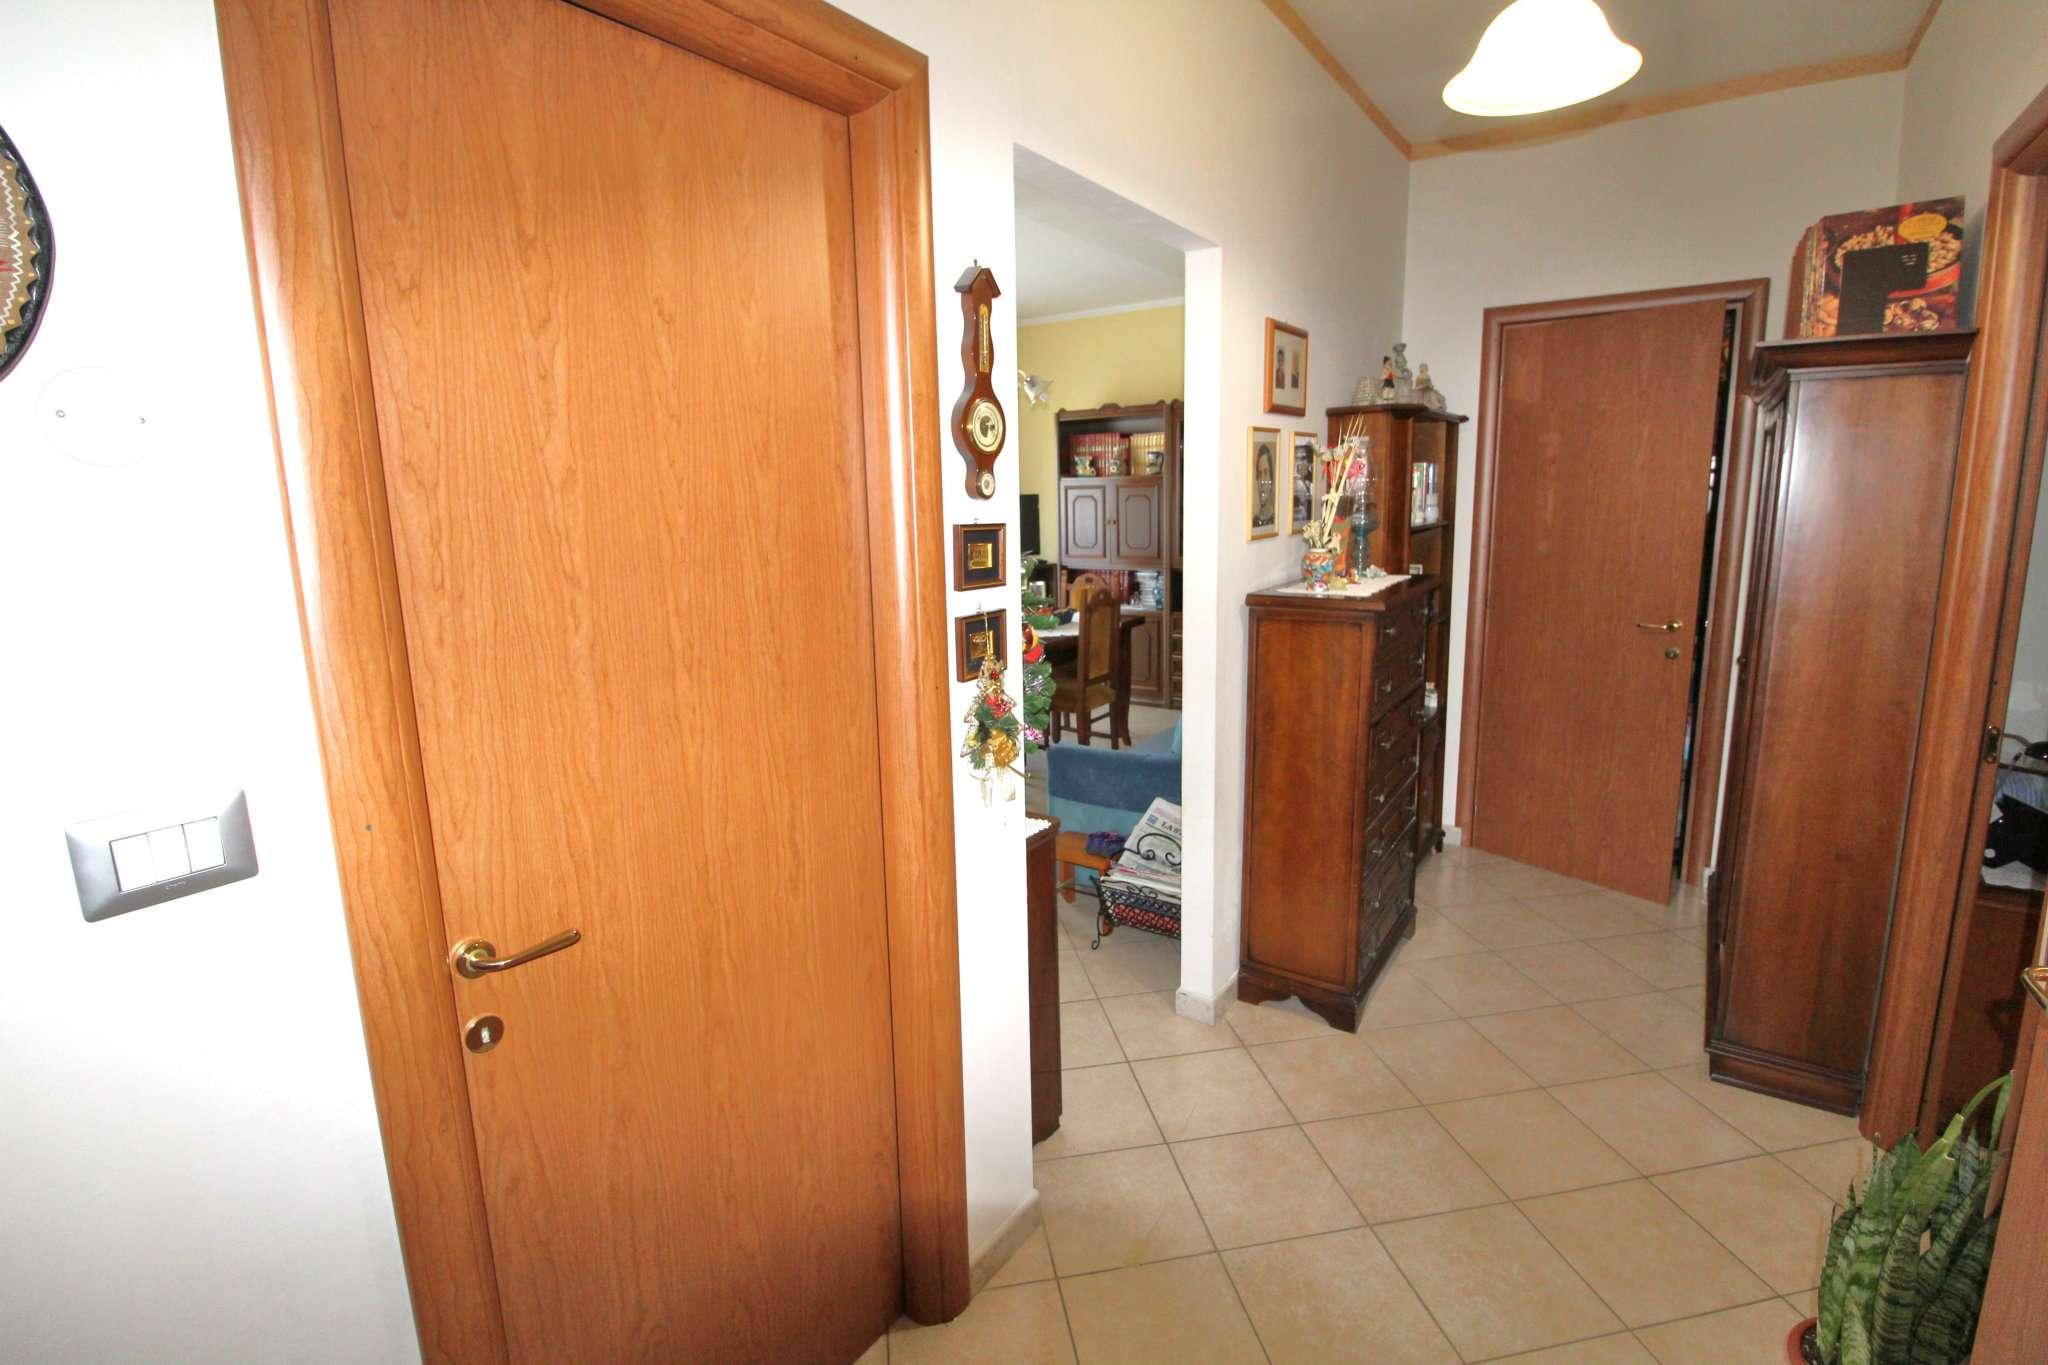 Appartamento in vendita a Piobesi Torinese, 3 locali, prezzo € 79.000 | CambioCasa.it